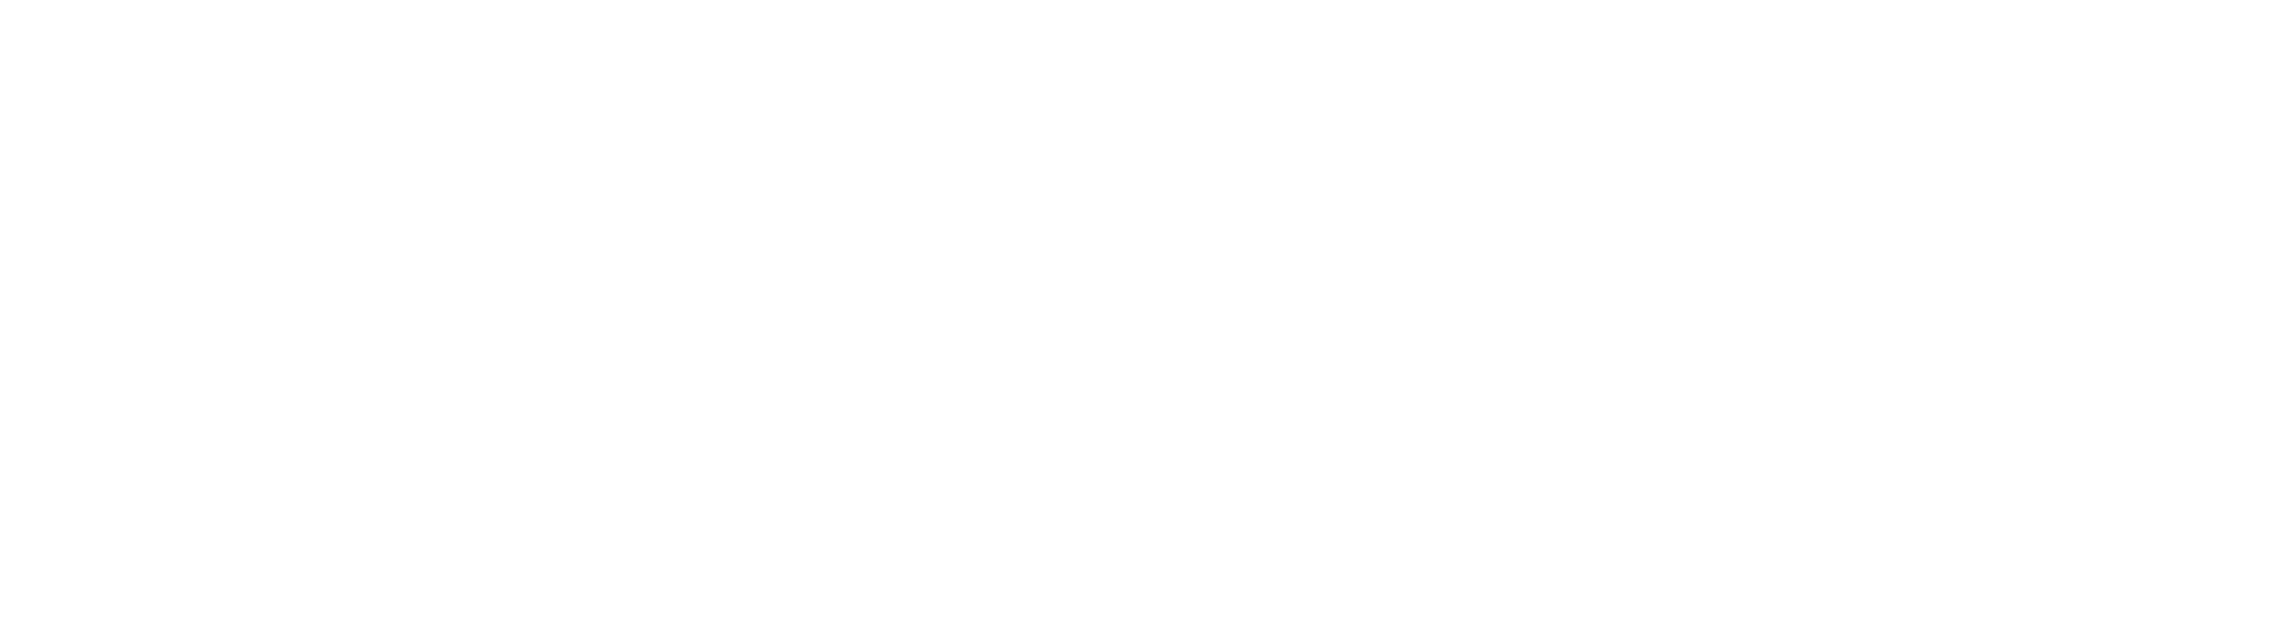 André Stagnaro - poésie vivante